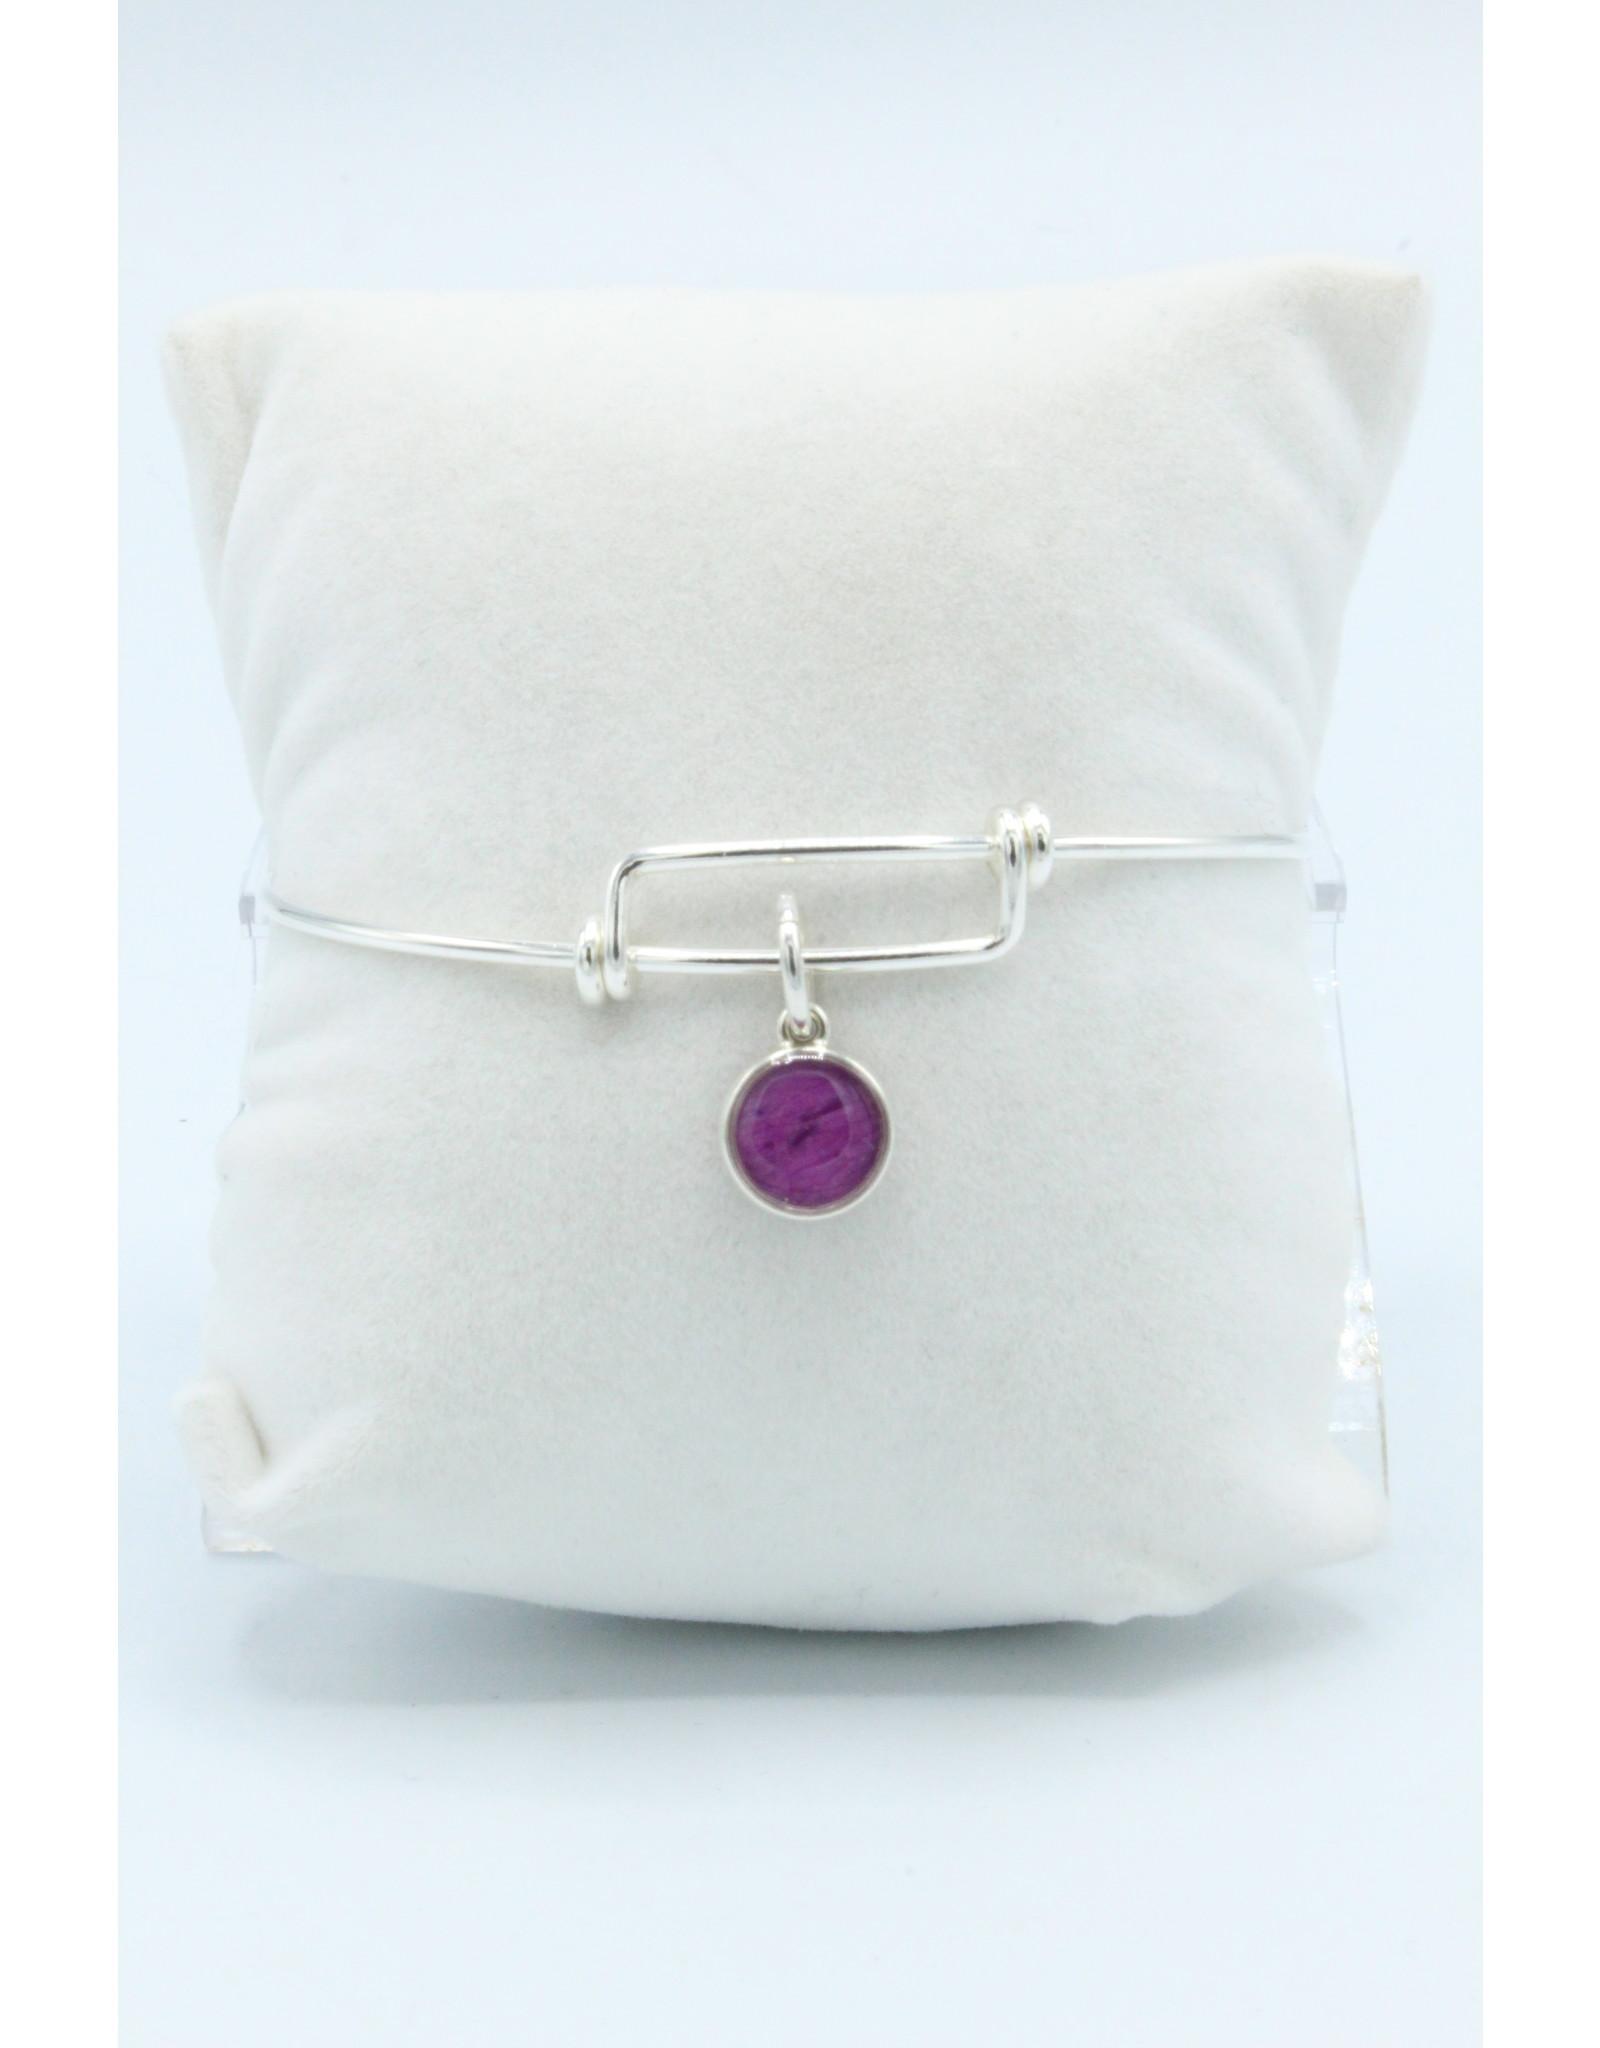 Alberta Wild Rose Expandable Silver Bracelet - AB02E